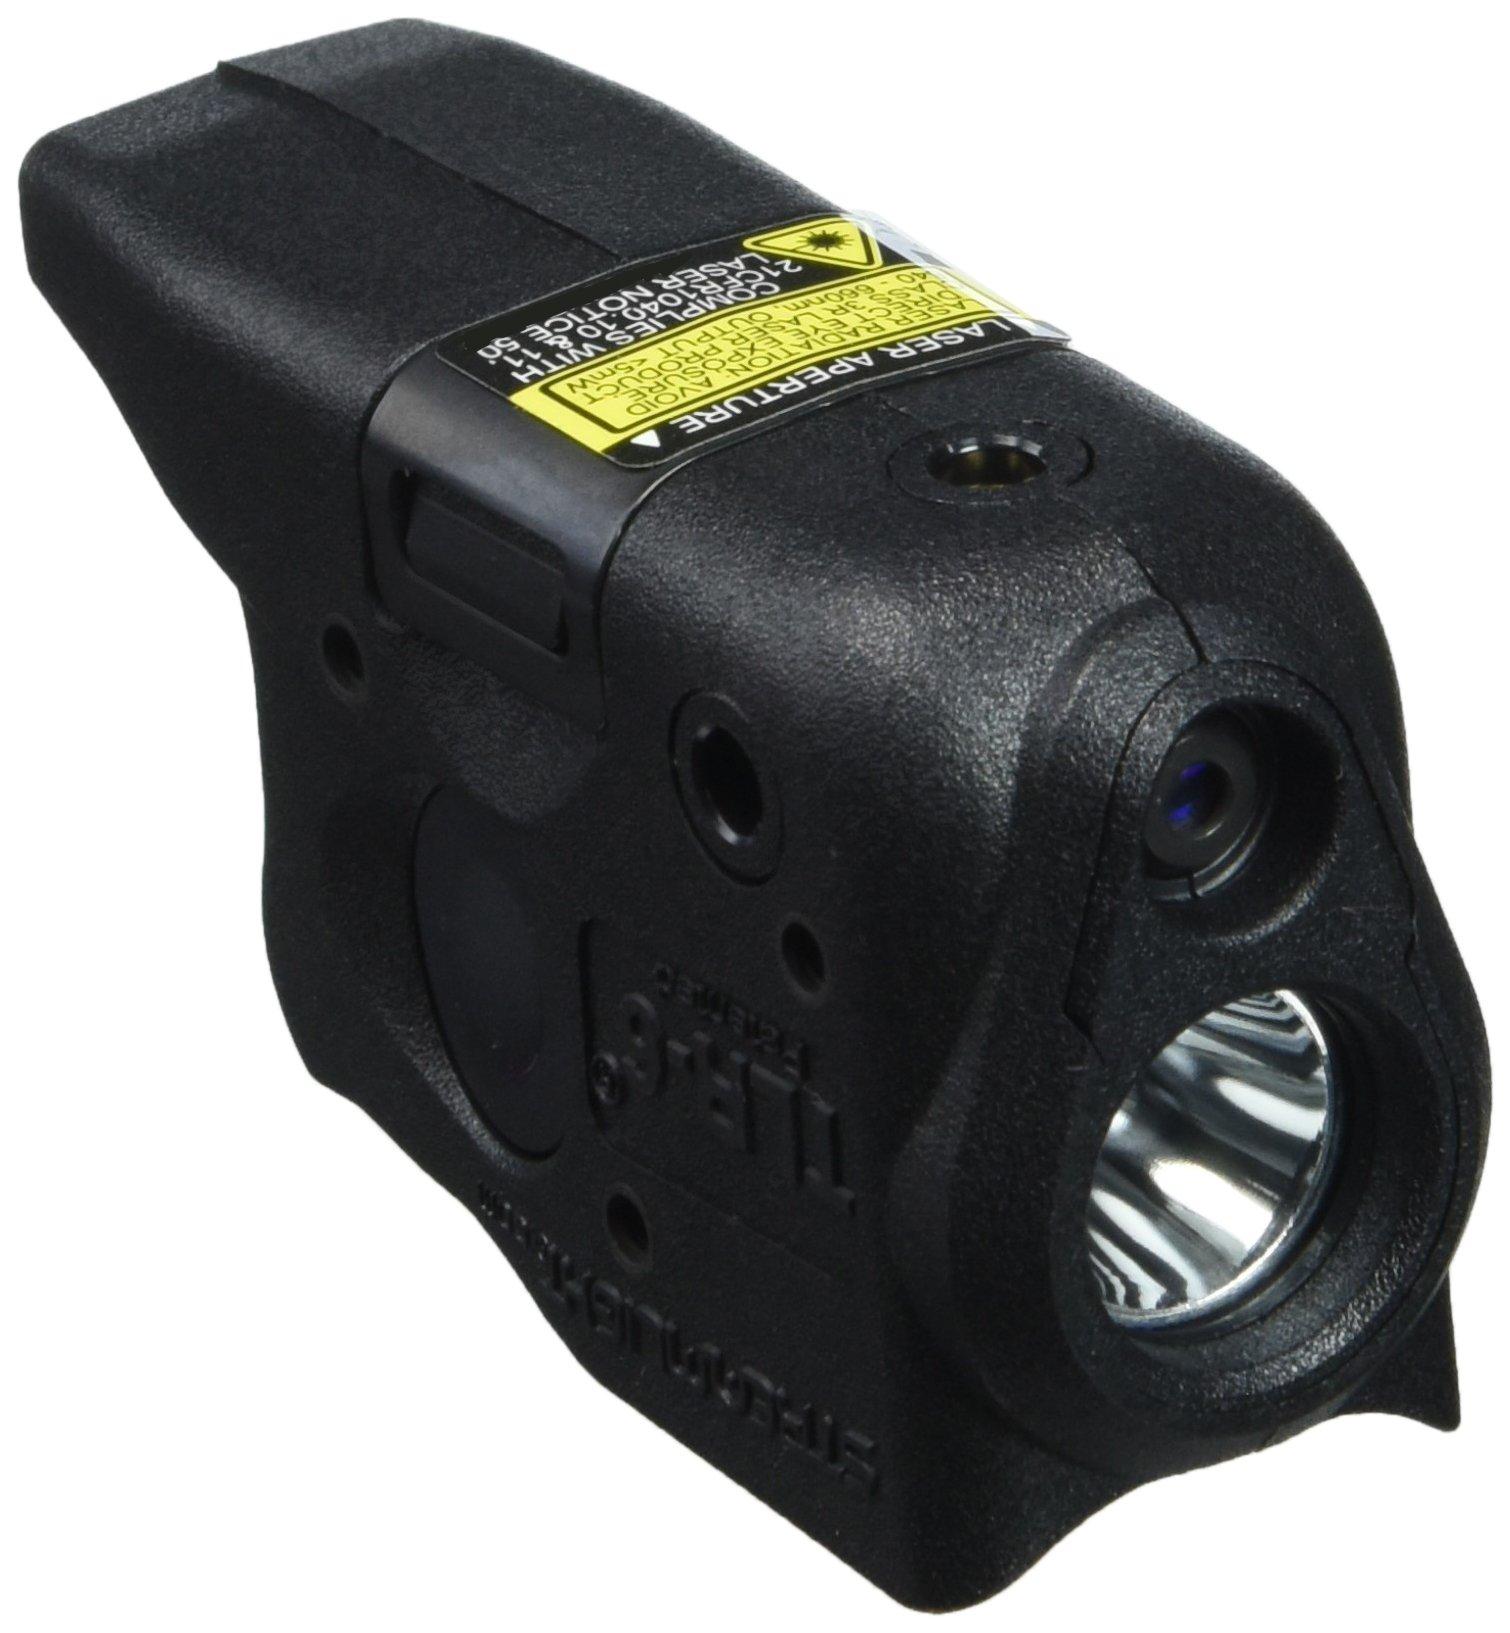 Streamlight 69270 TLR-6 Tactical Pistol Mount Flashlight by Streamlight